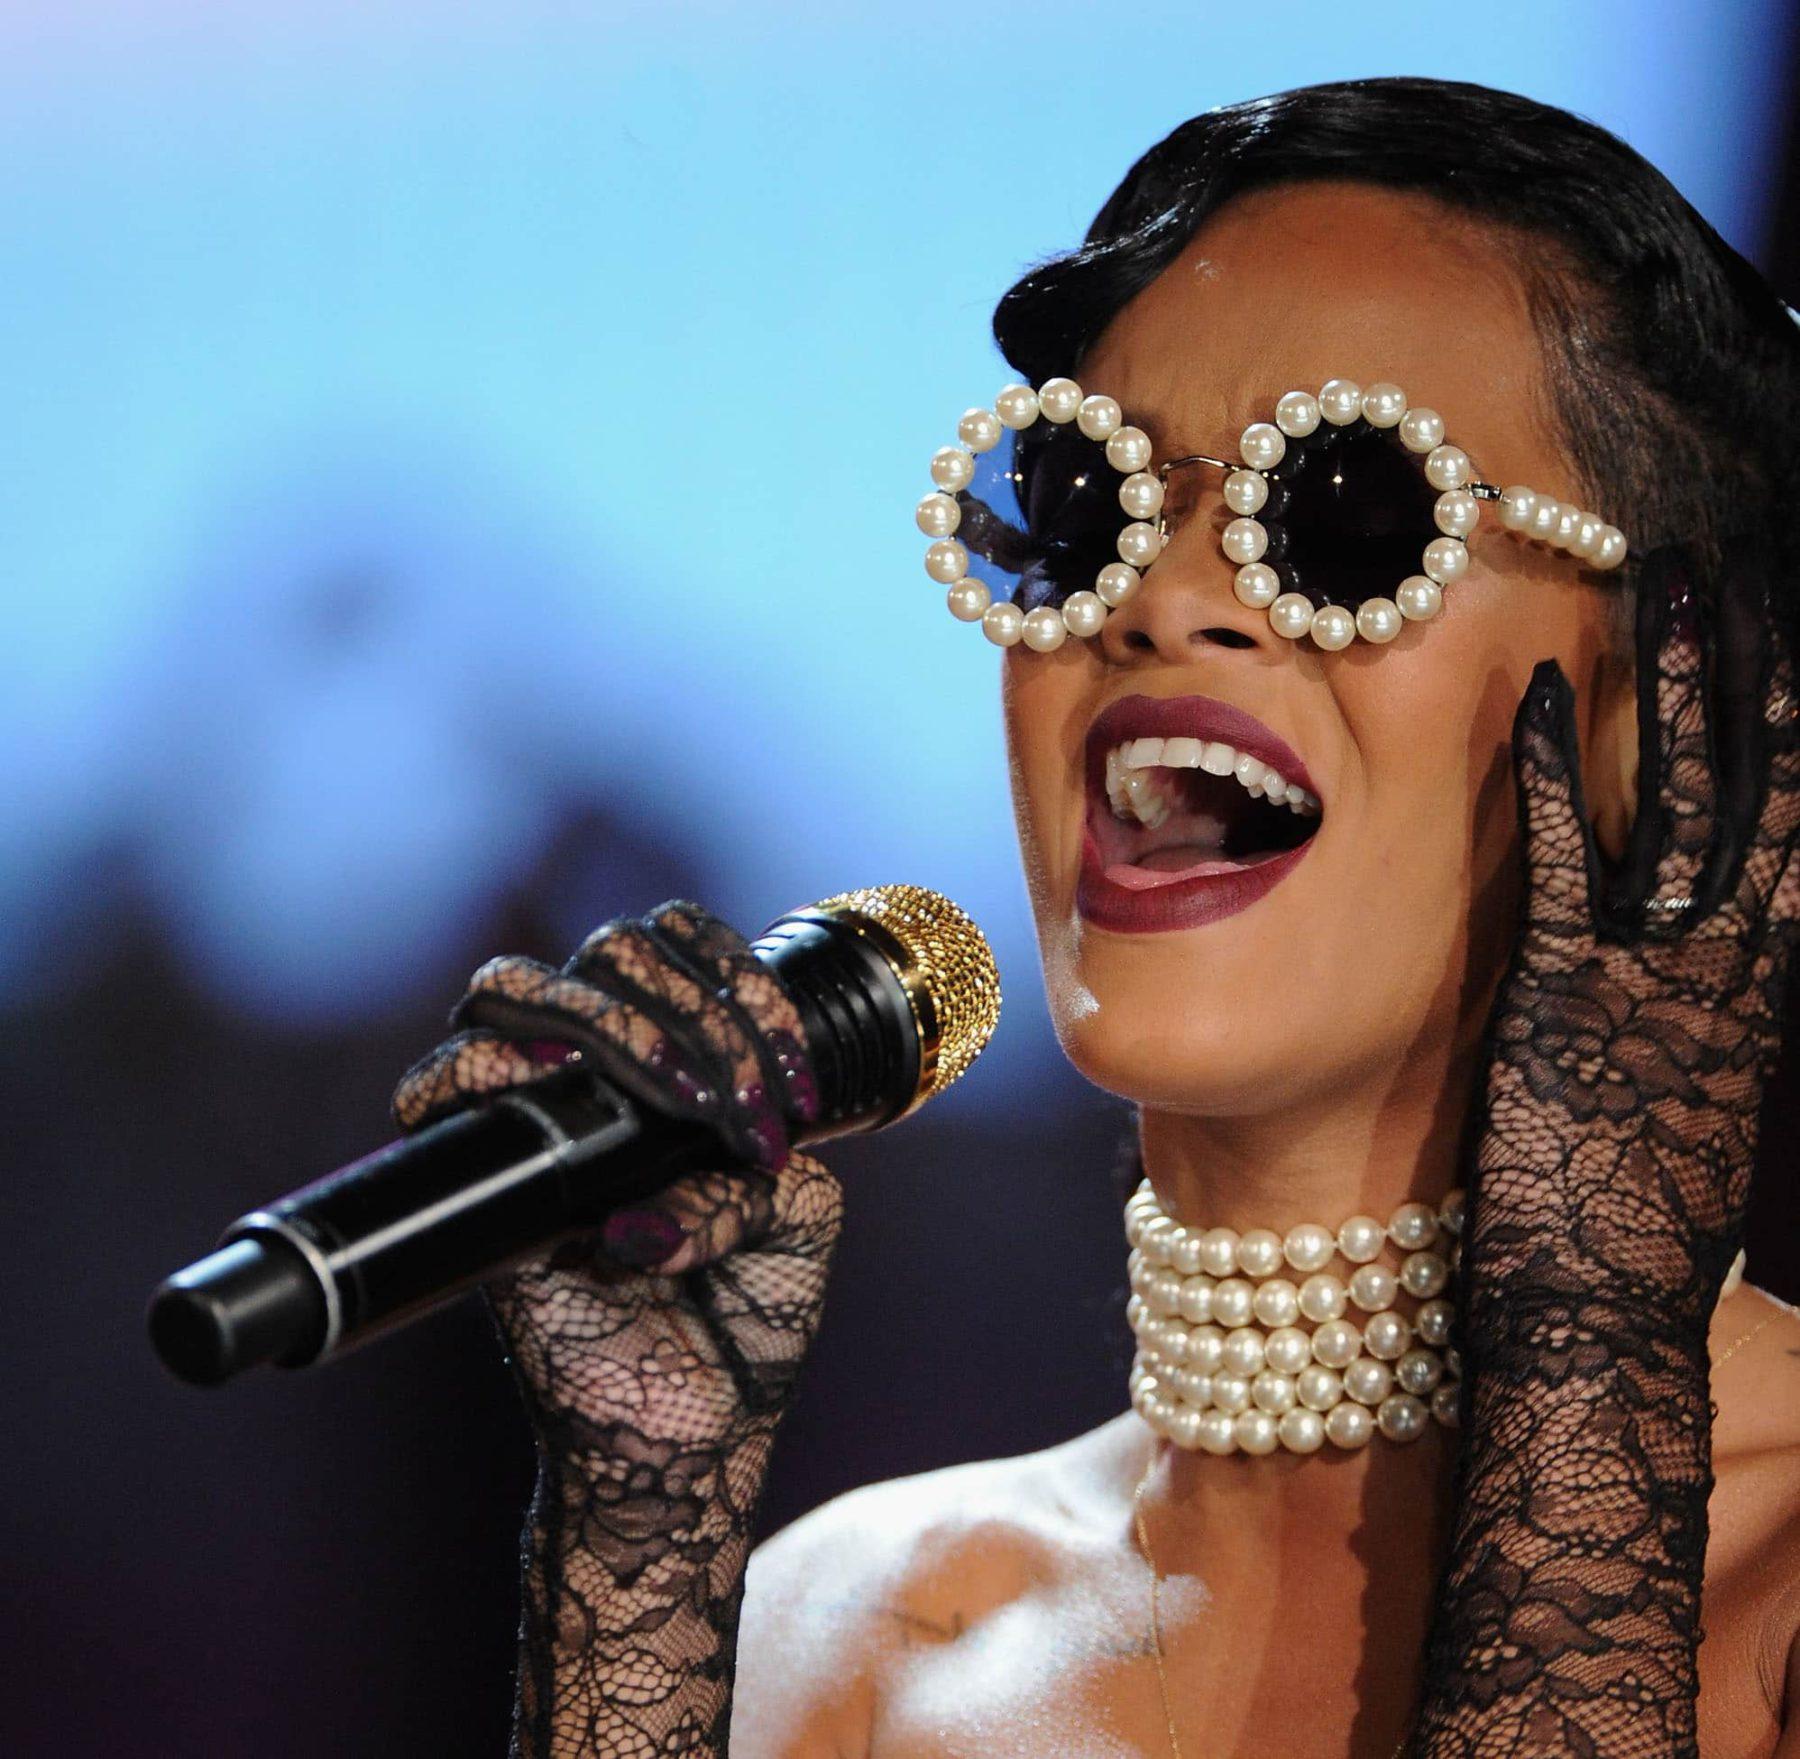 op de foto is een close-up te zien van Rihanna die een choker van vijf rijen parels draagt en een zonnebril bezet met parels. Ze houdt een micro vast en is aan het zingen.